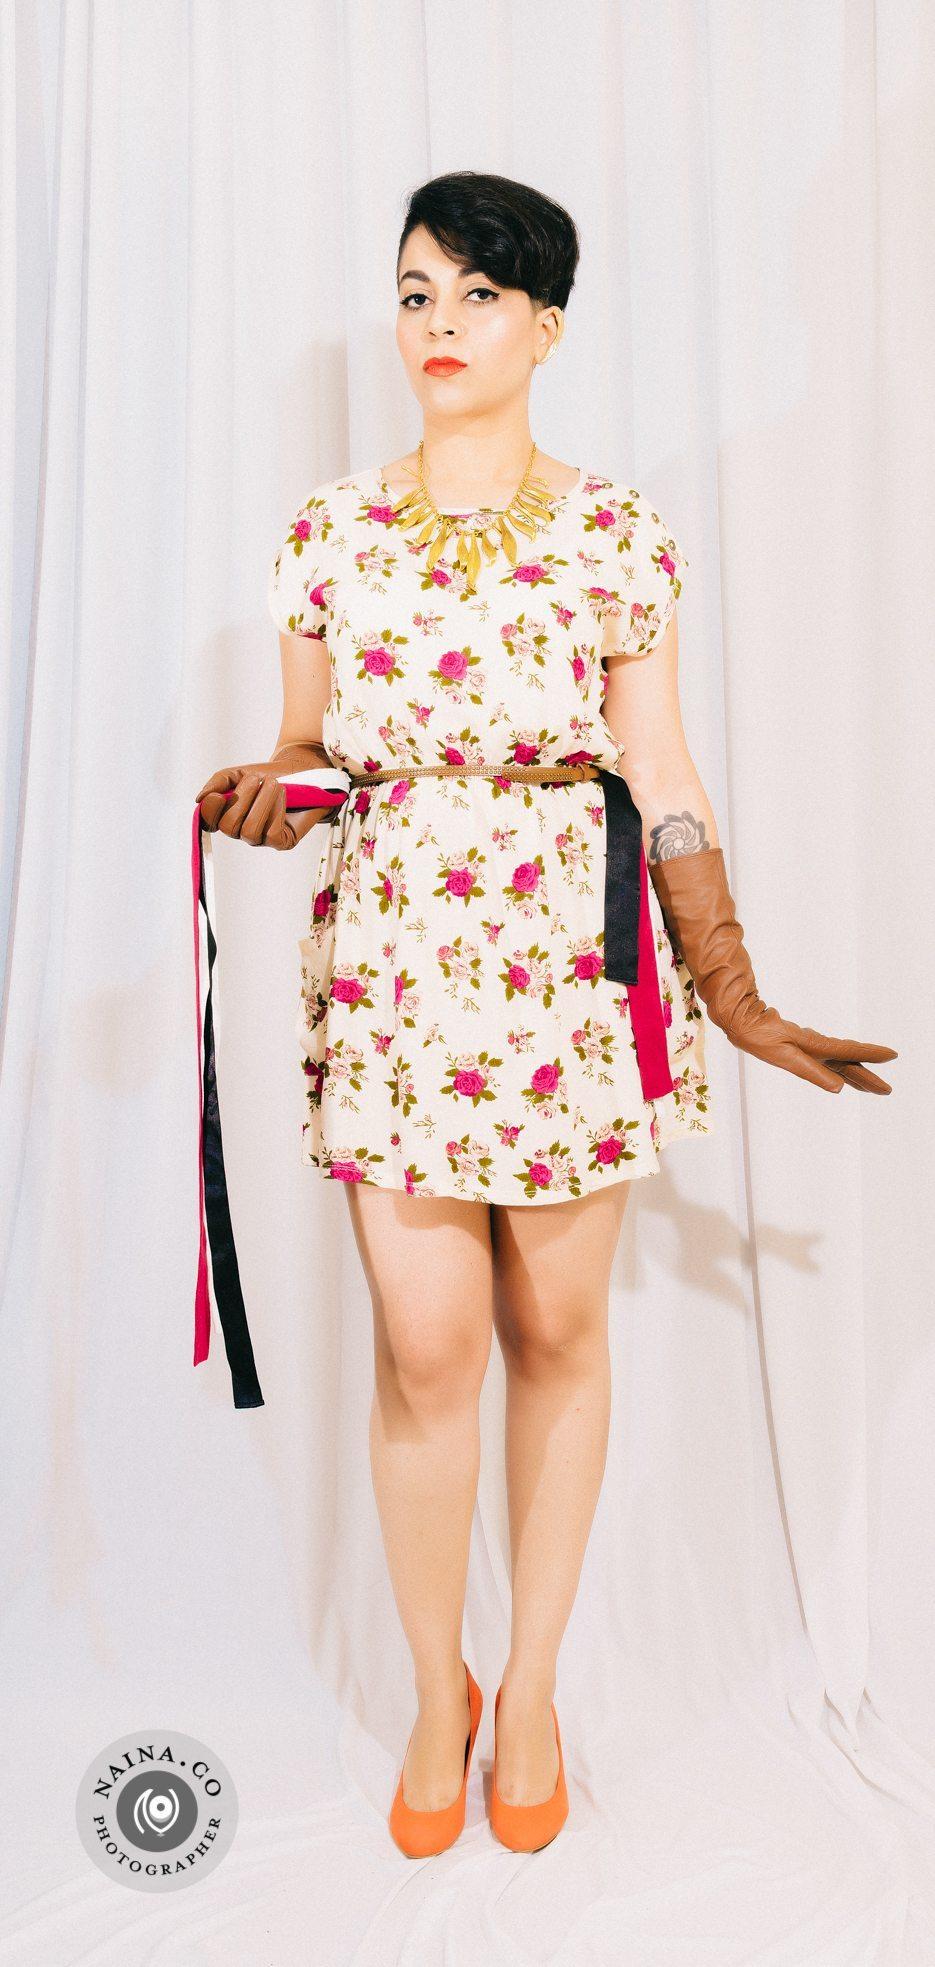 Naina.co-Raconteuse-Visuelle-Photographer-Storyteller-Luxury-Lifestyle-January-CoverUp-25-EyesForFashion-2015